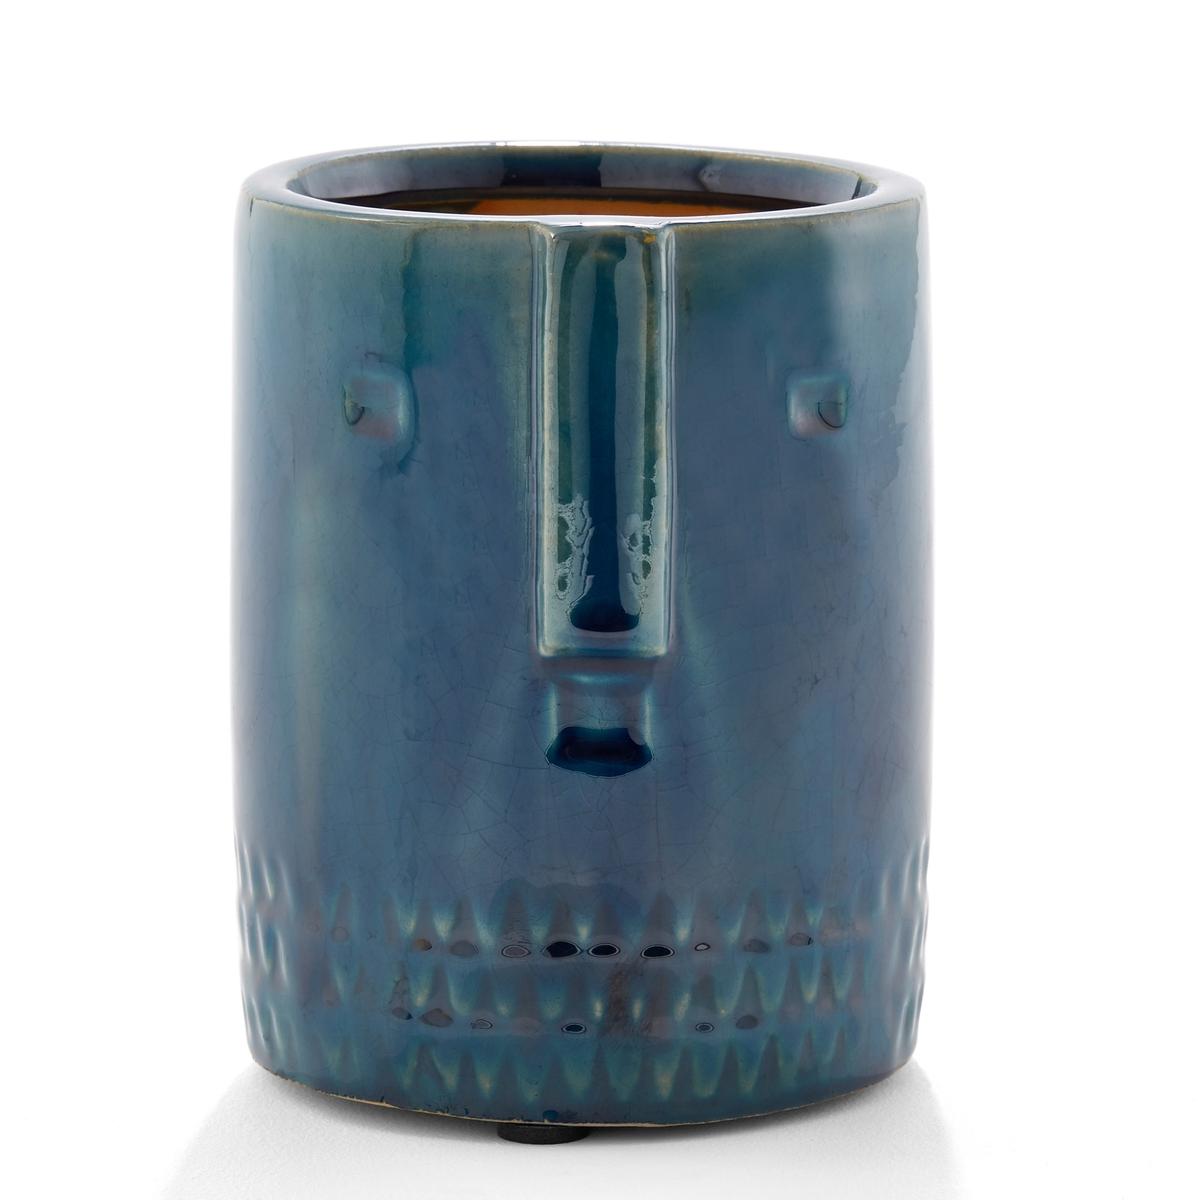 Кашпо La Redoute Из керамики см Sakina единый размер синий кашпо la redoute в см ologe единый размер каштановый